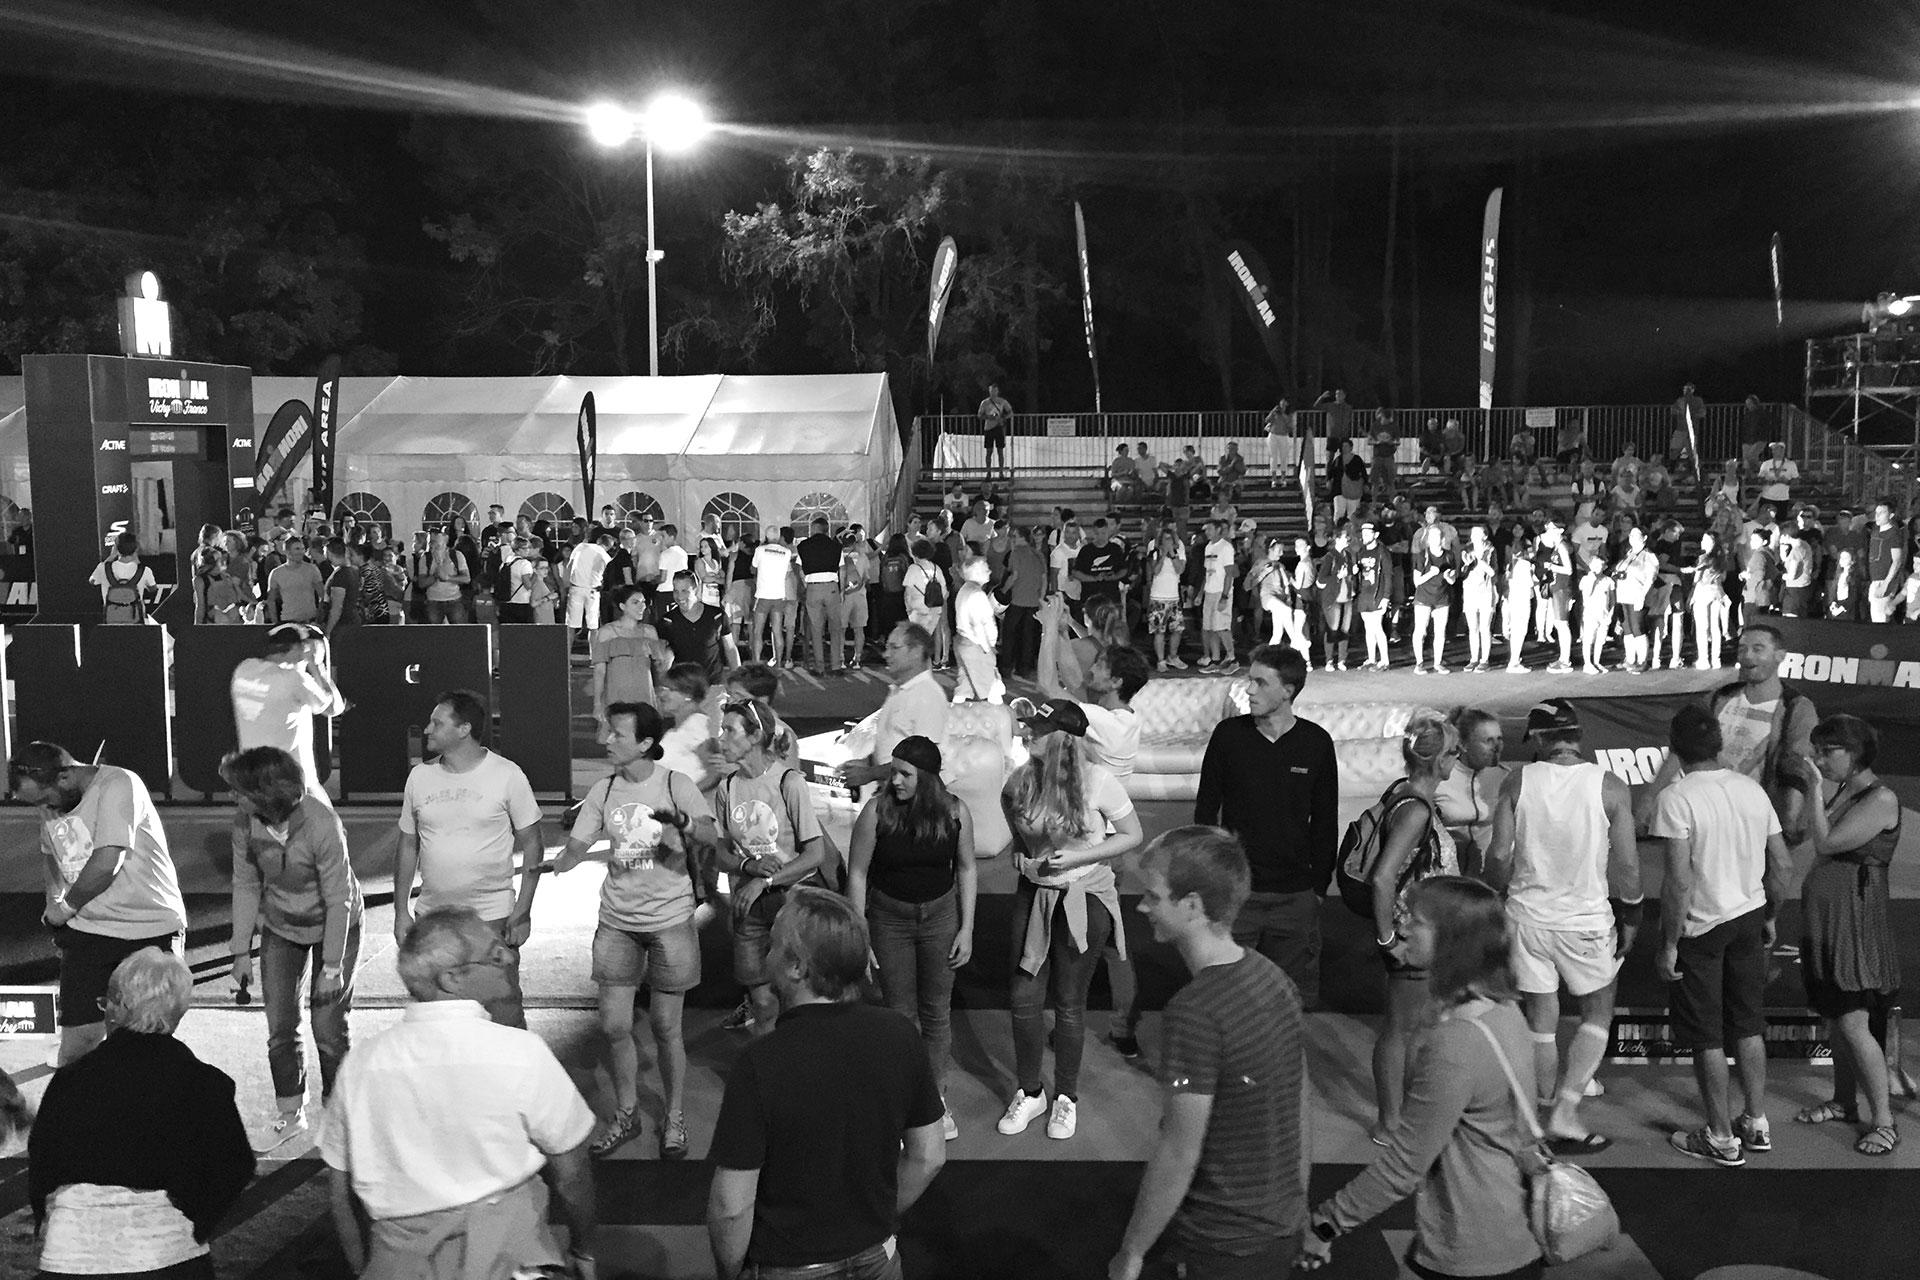 IRONMAN VICHY 2016 The Story: Finisherparty mit dem Empfang der letzten Triathleten kurz vor Zielschluss um 23:20 Uhr ©stefandrexl.de